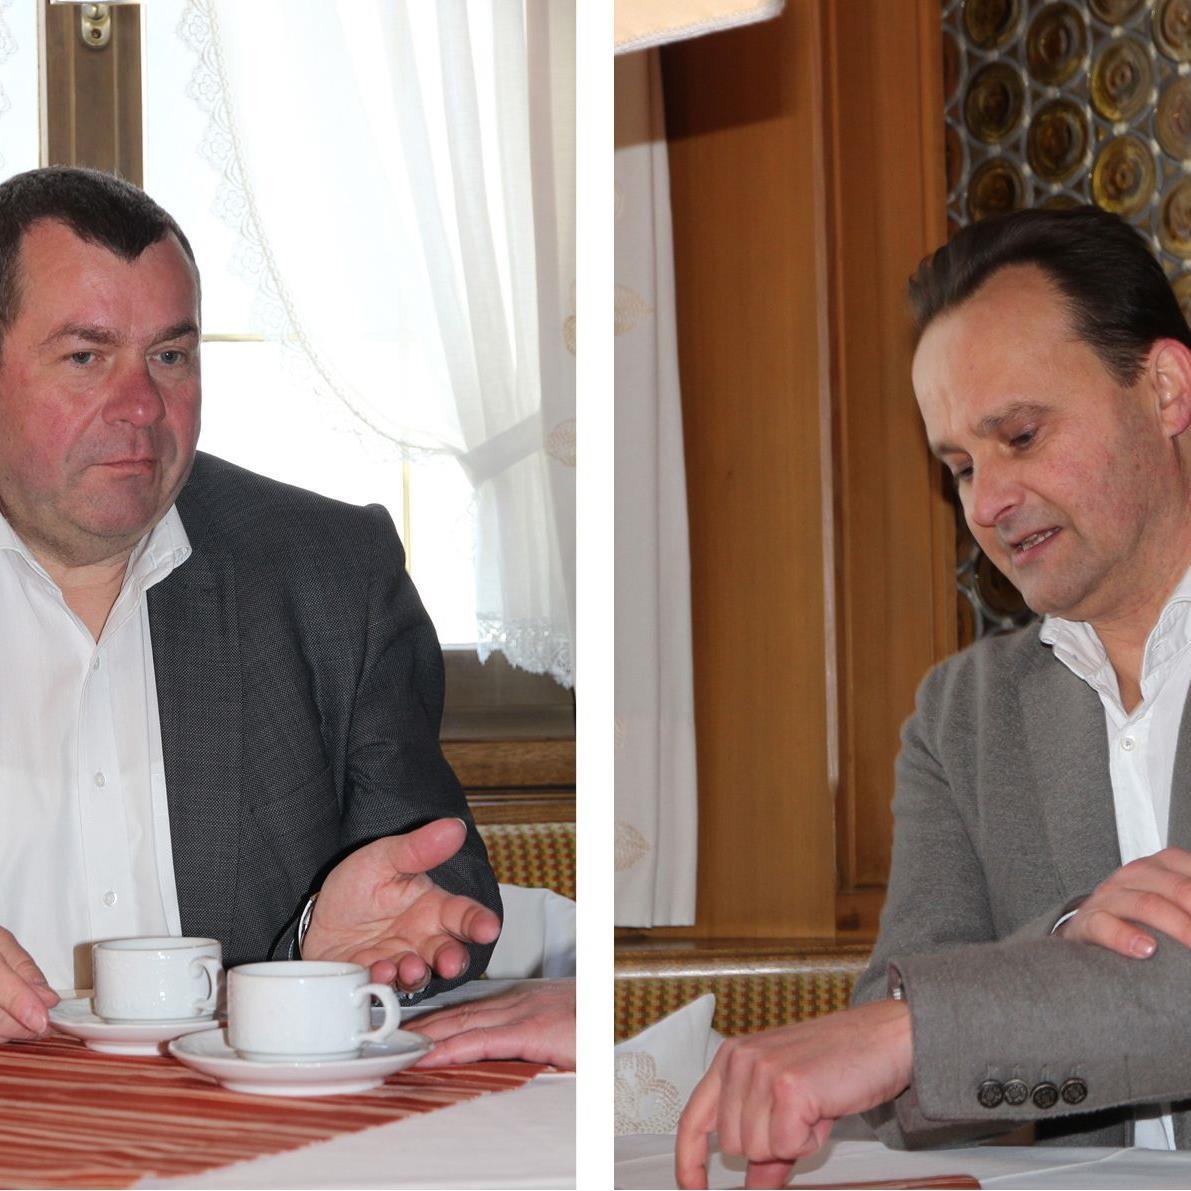 Geschäftsführer Erich Mayer (Wohnbauselbsthilfe). Geschäftsführer Gerhard Vonbank (Rhomberg Bau). Foto:s Rhomberg Bau